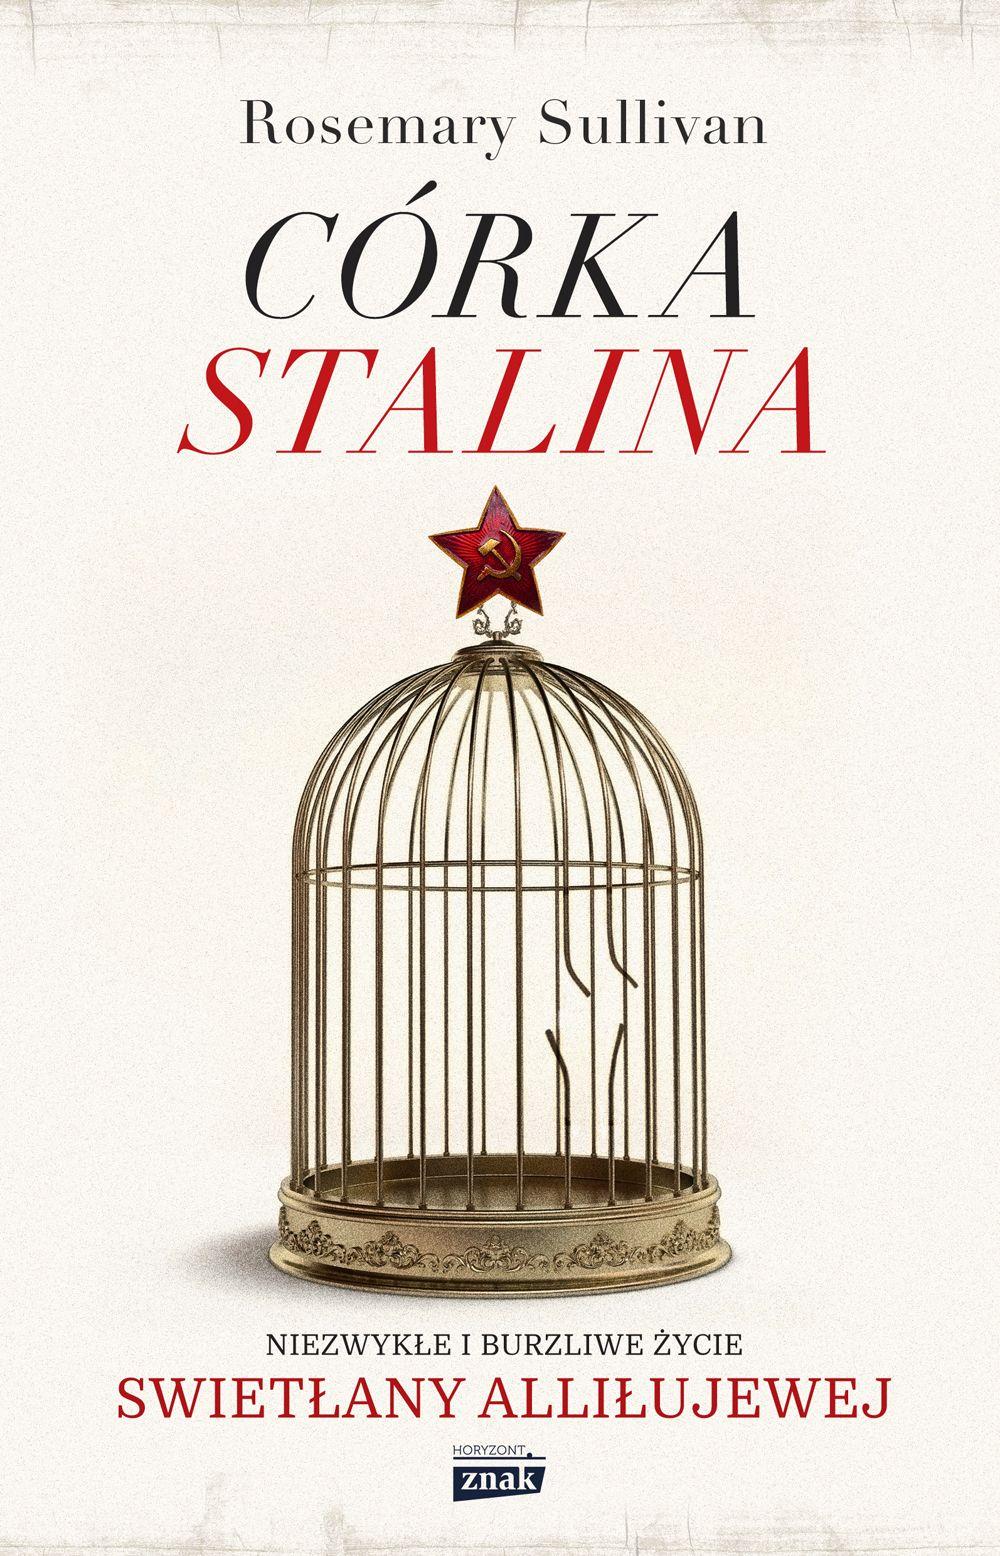 """Poruszającą historię kobiety, której ojciec był potworem, znajdziecie w książce Rosemary Sullivan, zatytułowanej """"Córka Stalina. Niezwykłe i burzliwe życie Swietłany Alliłujewej"""" (Znak Horyzont 2017)."""